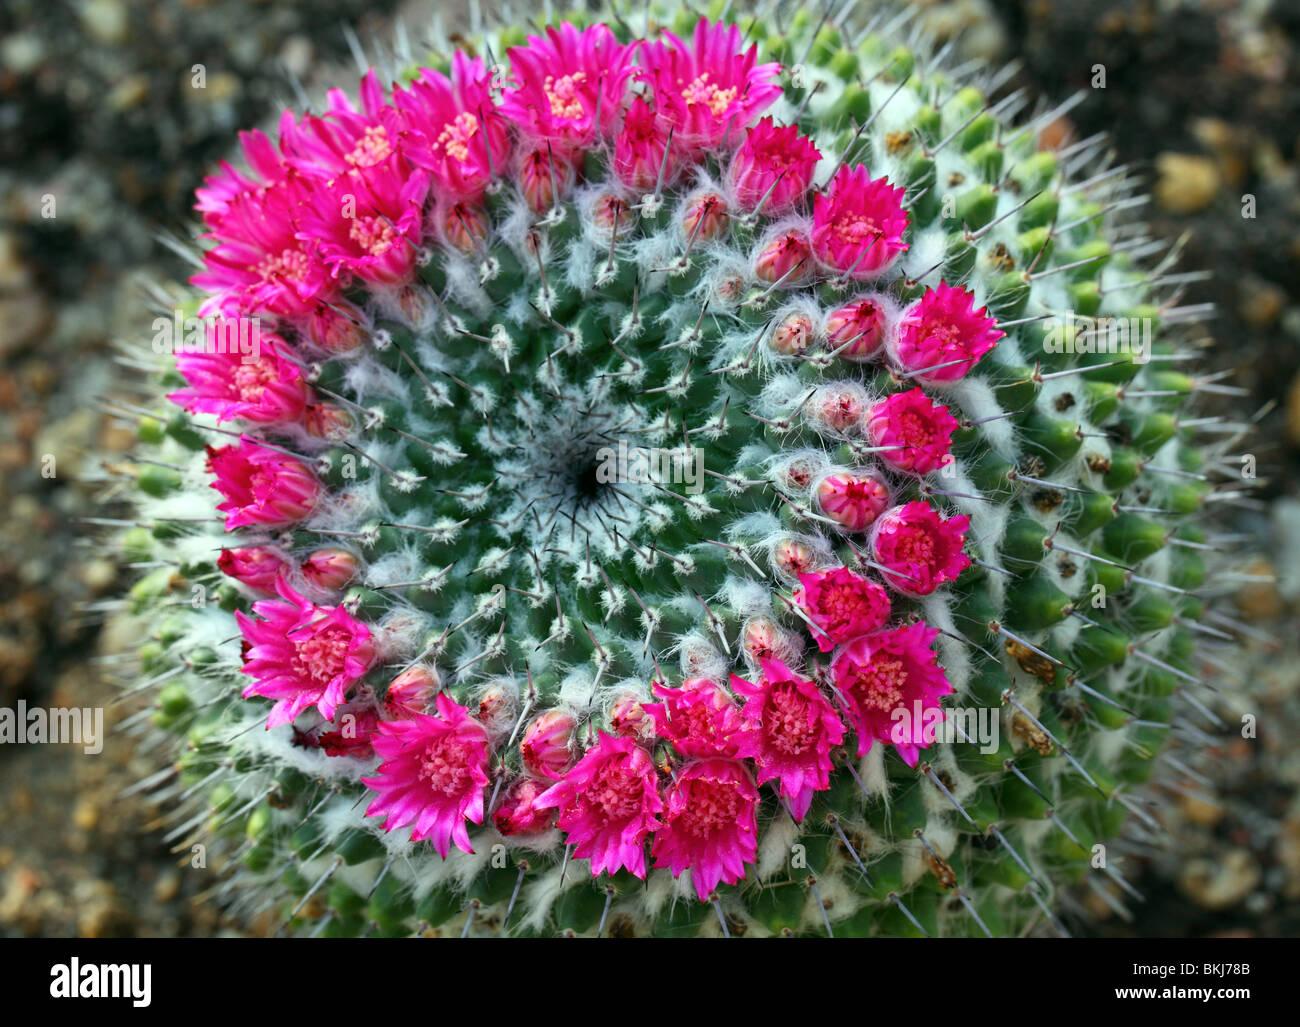 Cactus Mammillaria sempervivi flowers close up Mamilaria - Stock Image